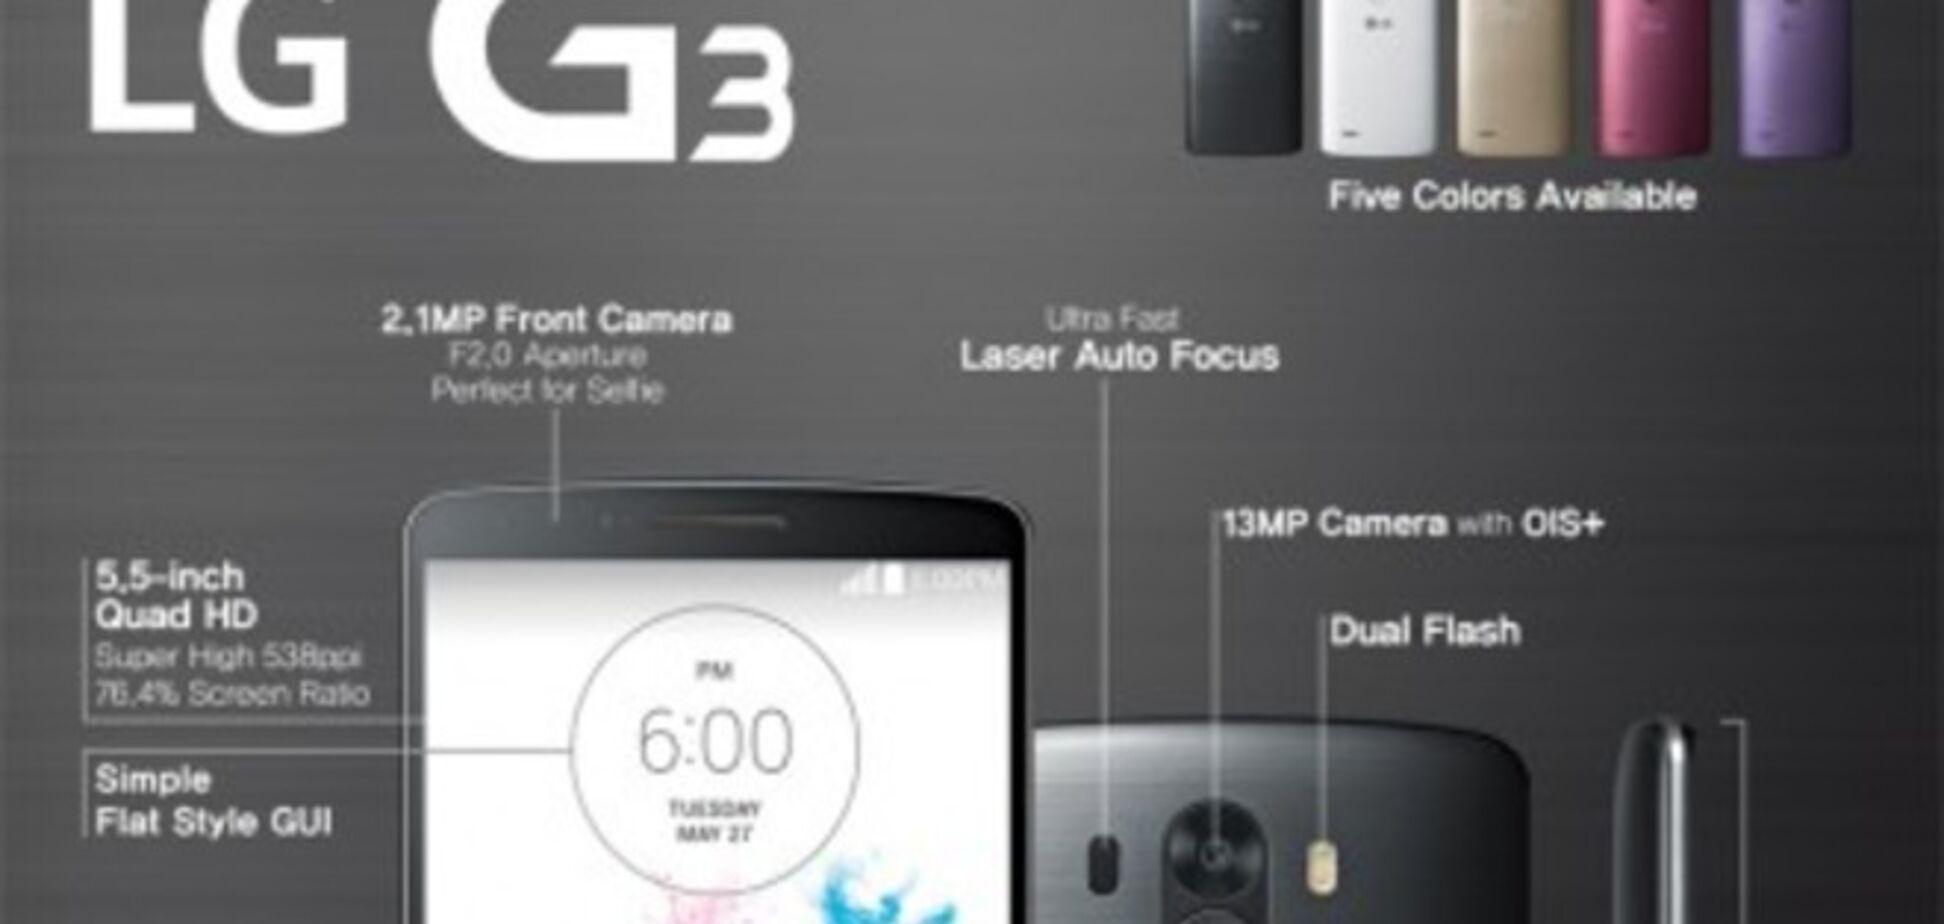 LG официально представила свой флагман смартфон G3